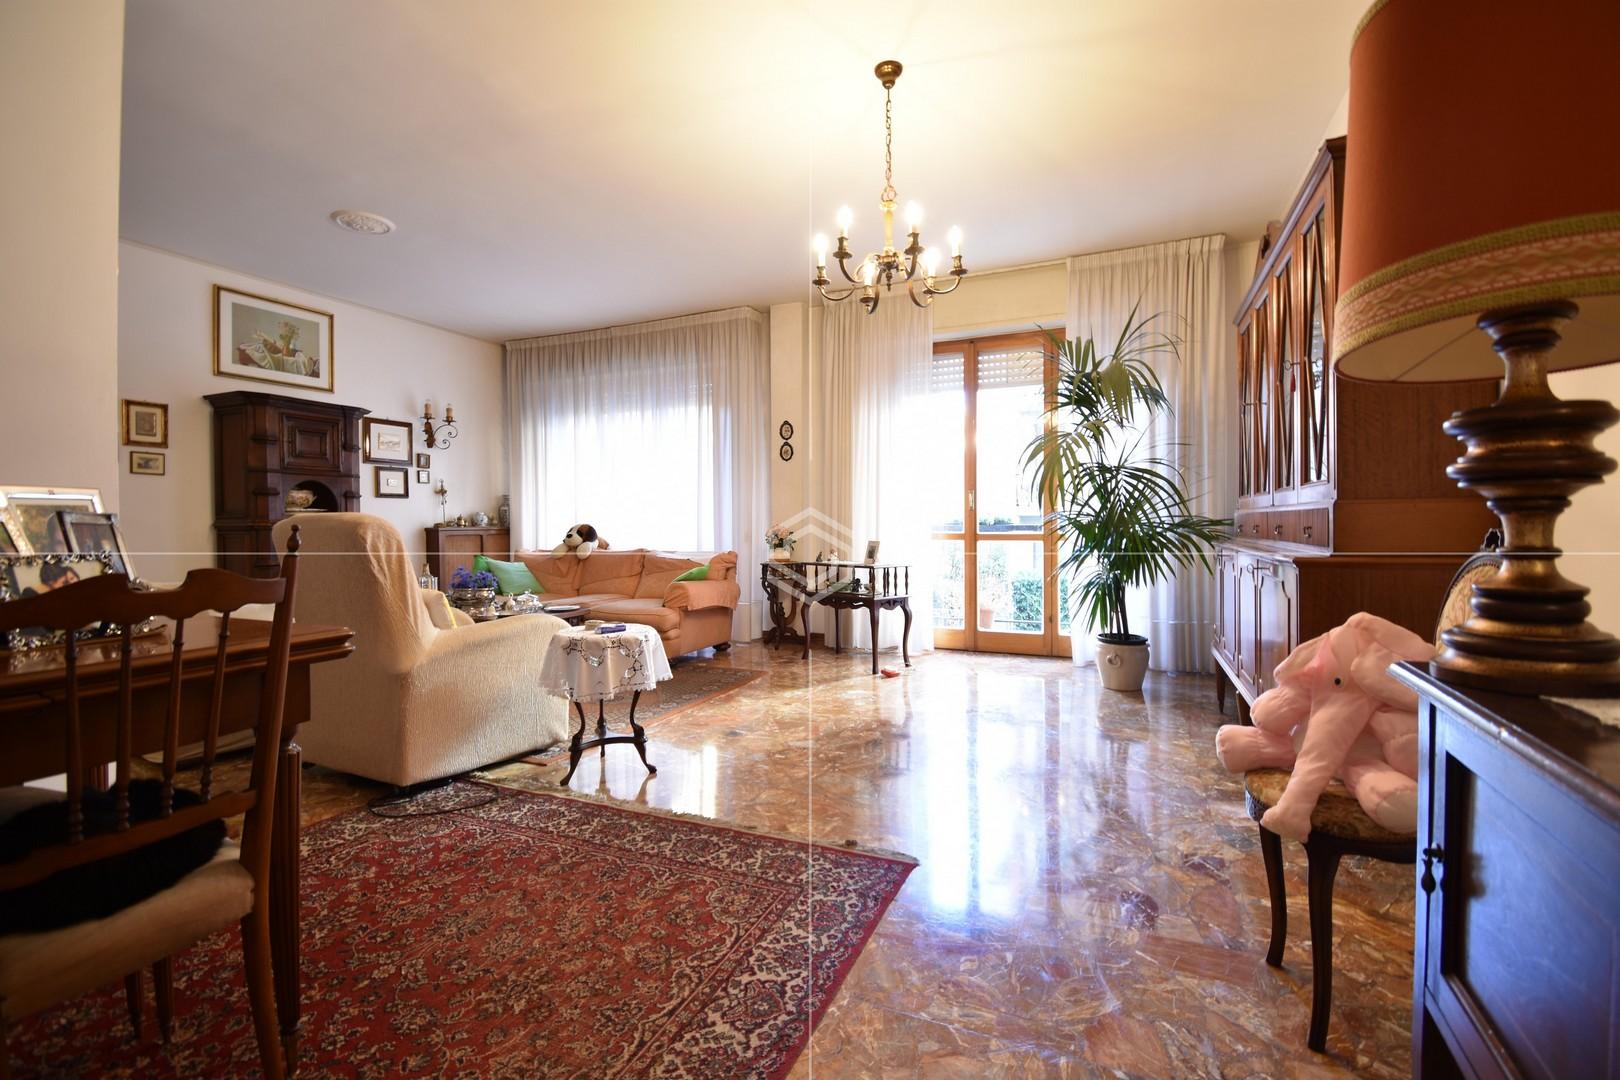 Appartamento in affitto di ampie dimensioni | Battelli, Don Bosco, Pratale – Pisa